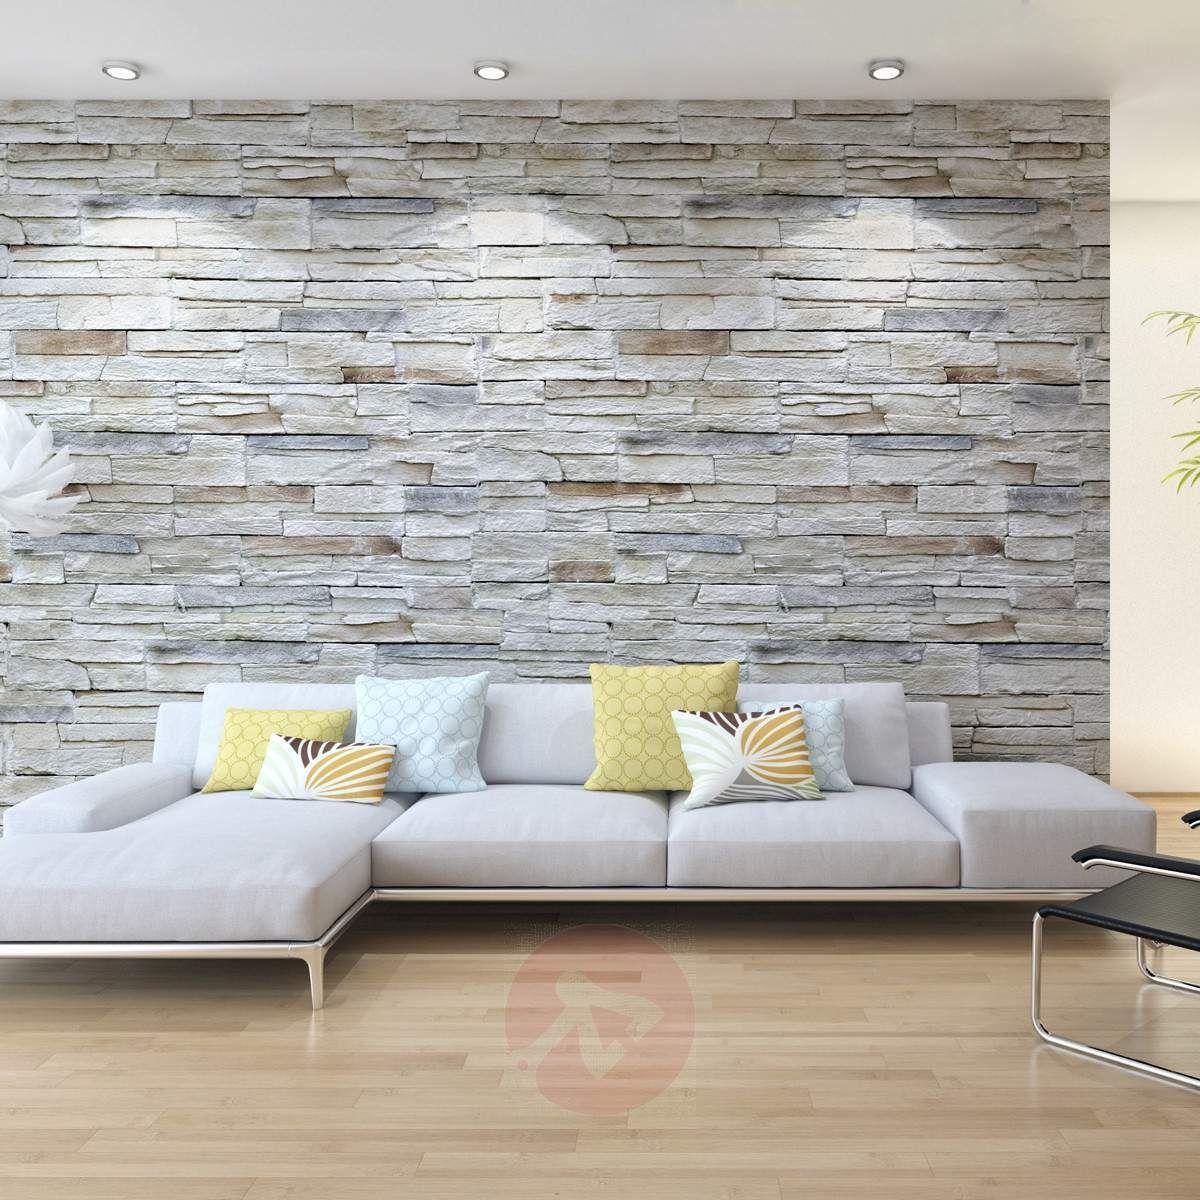 Pin De Nilda Molina En Dormitorios Decoraciones De Casa Decoración De Pared De Tv Decoracion De Interiores